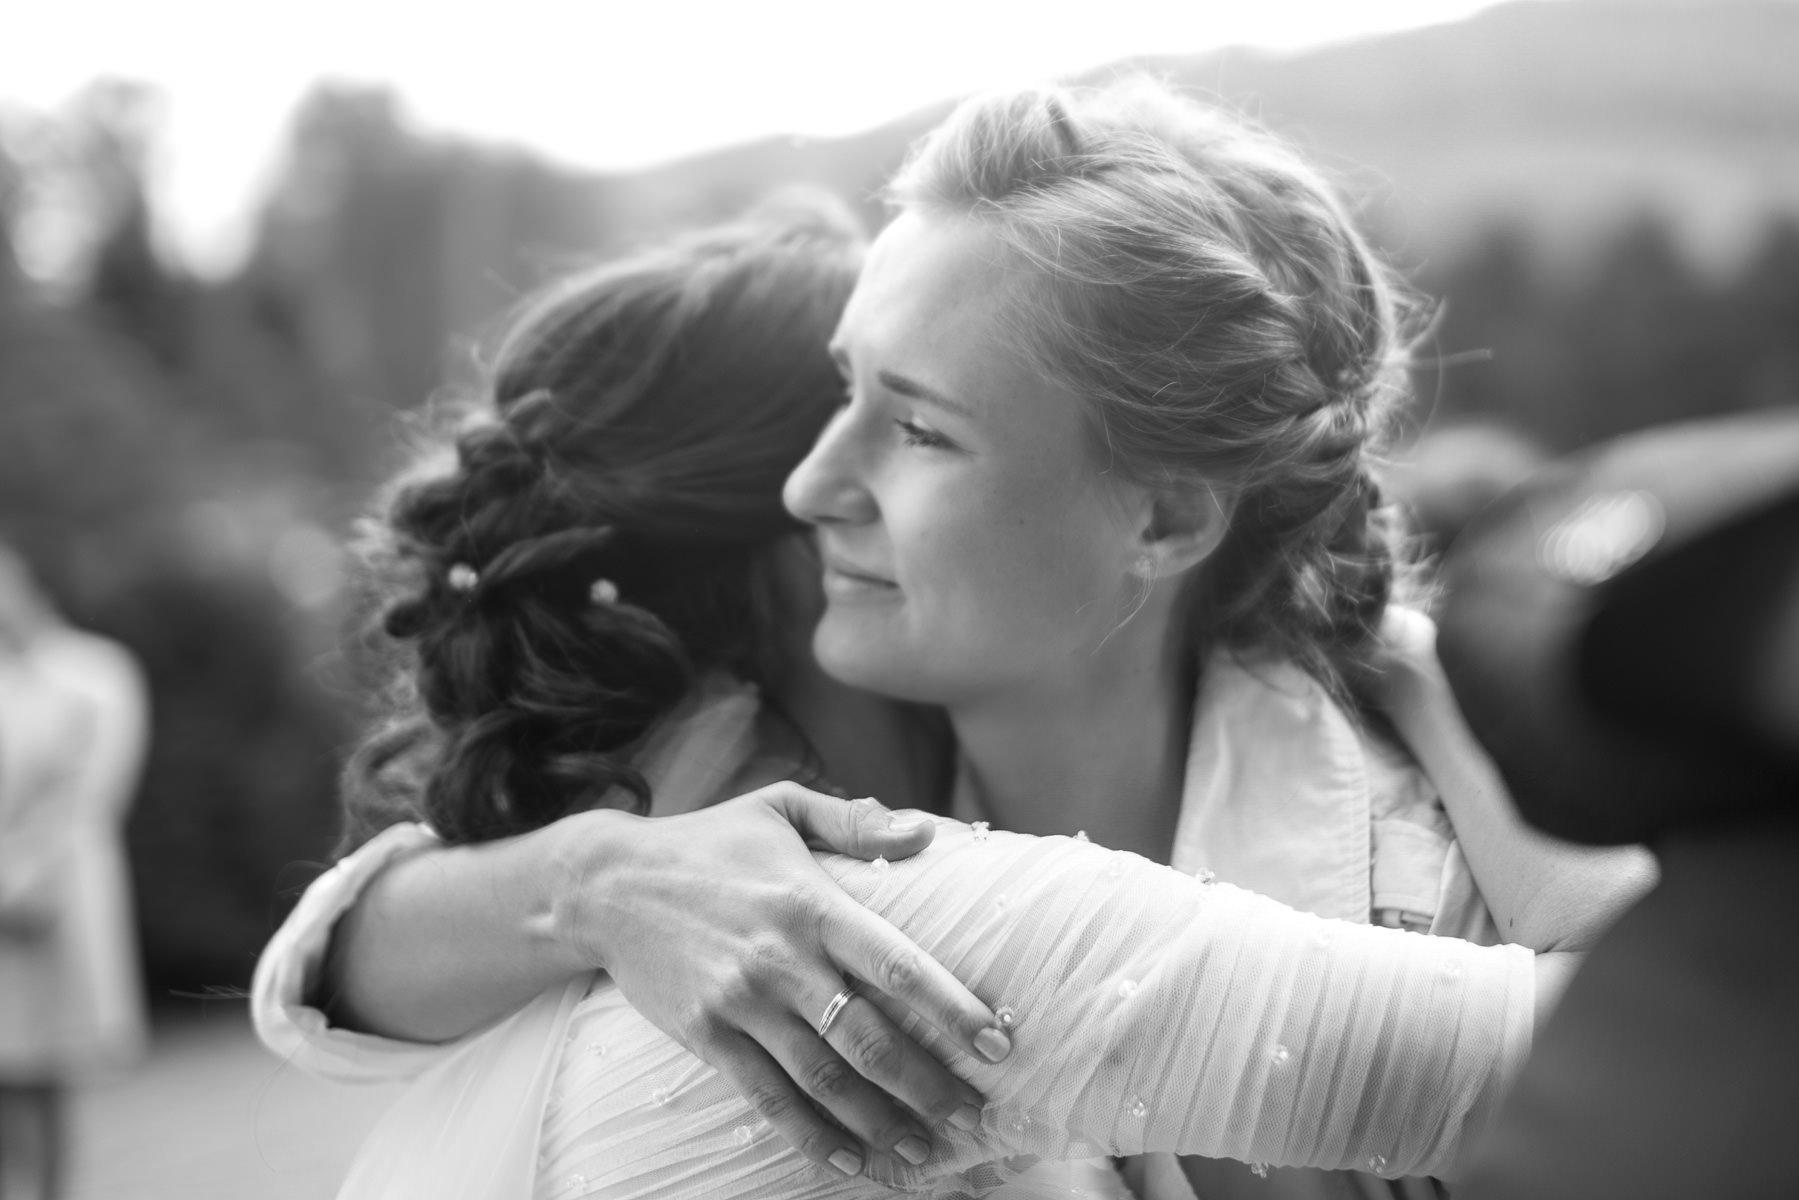 fotograf slub bielsko biala ania maciej 99 - Ślub w Bielsku-Białej - ANIA & MACIEJ